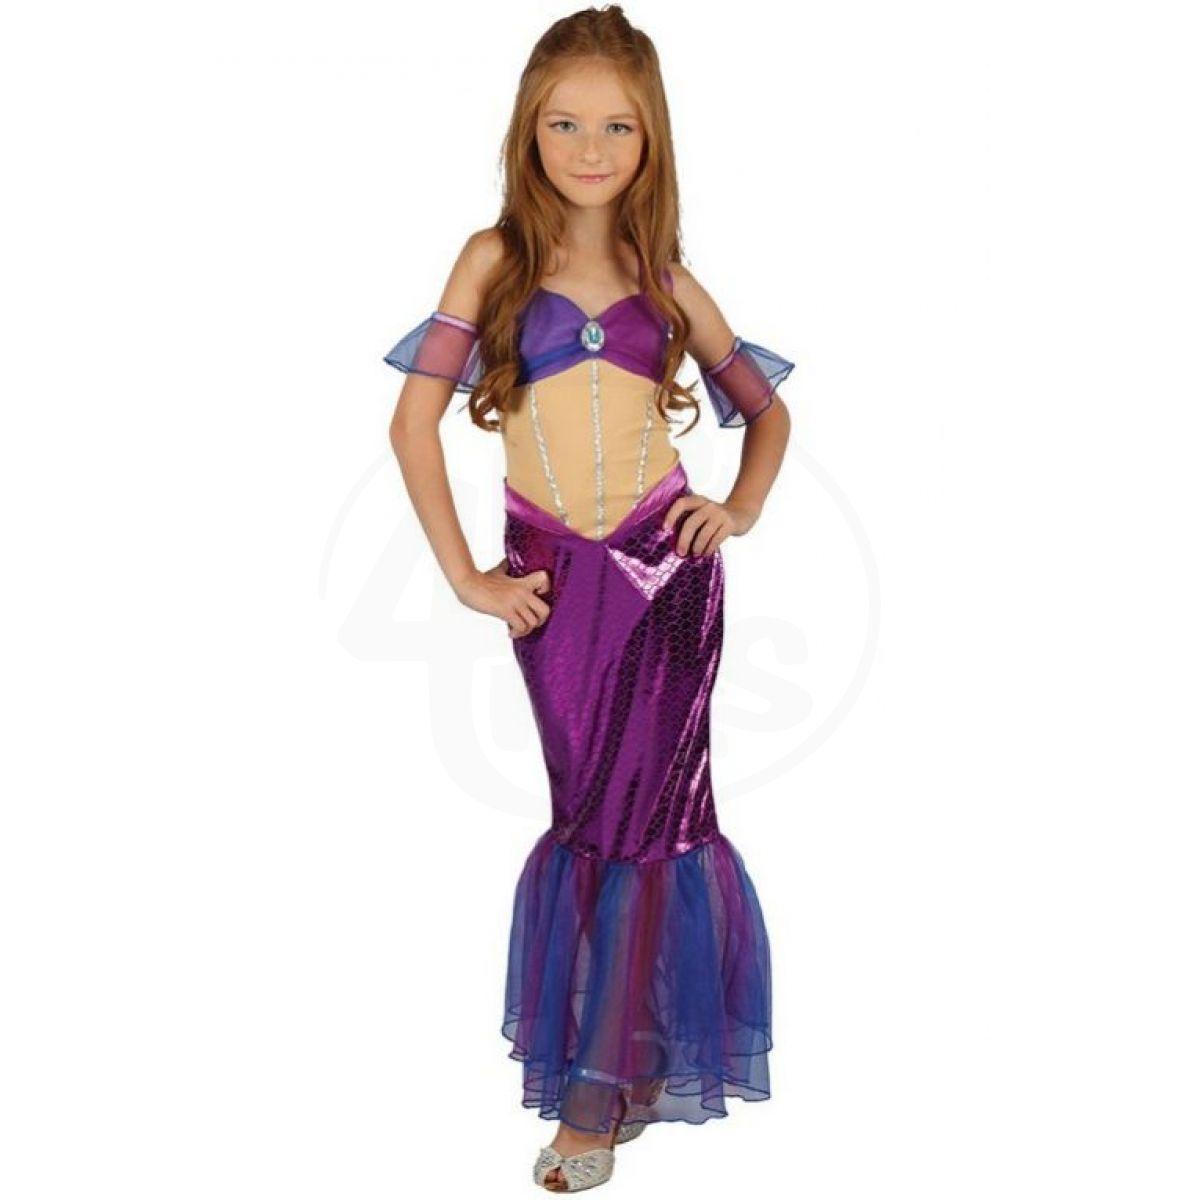 Made Dětský kostým Mořská panna fialová 120-130cm